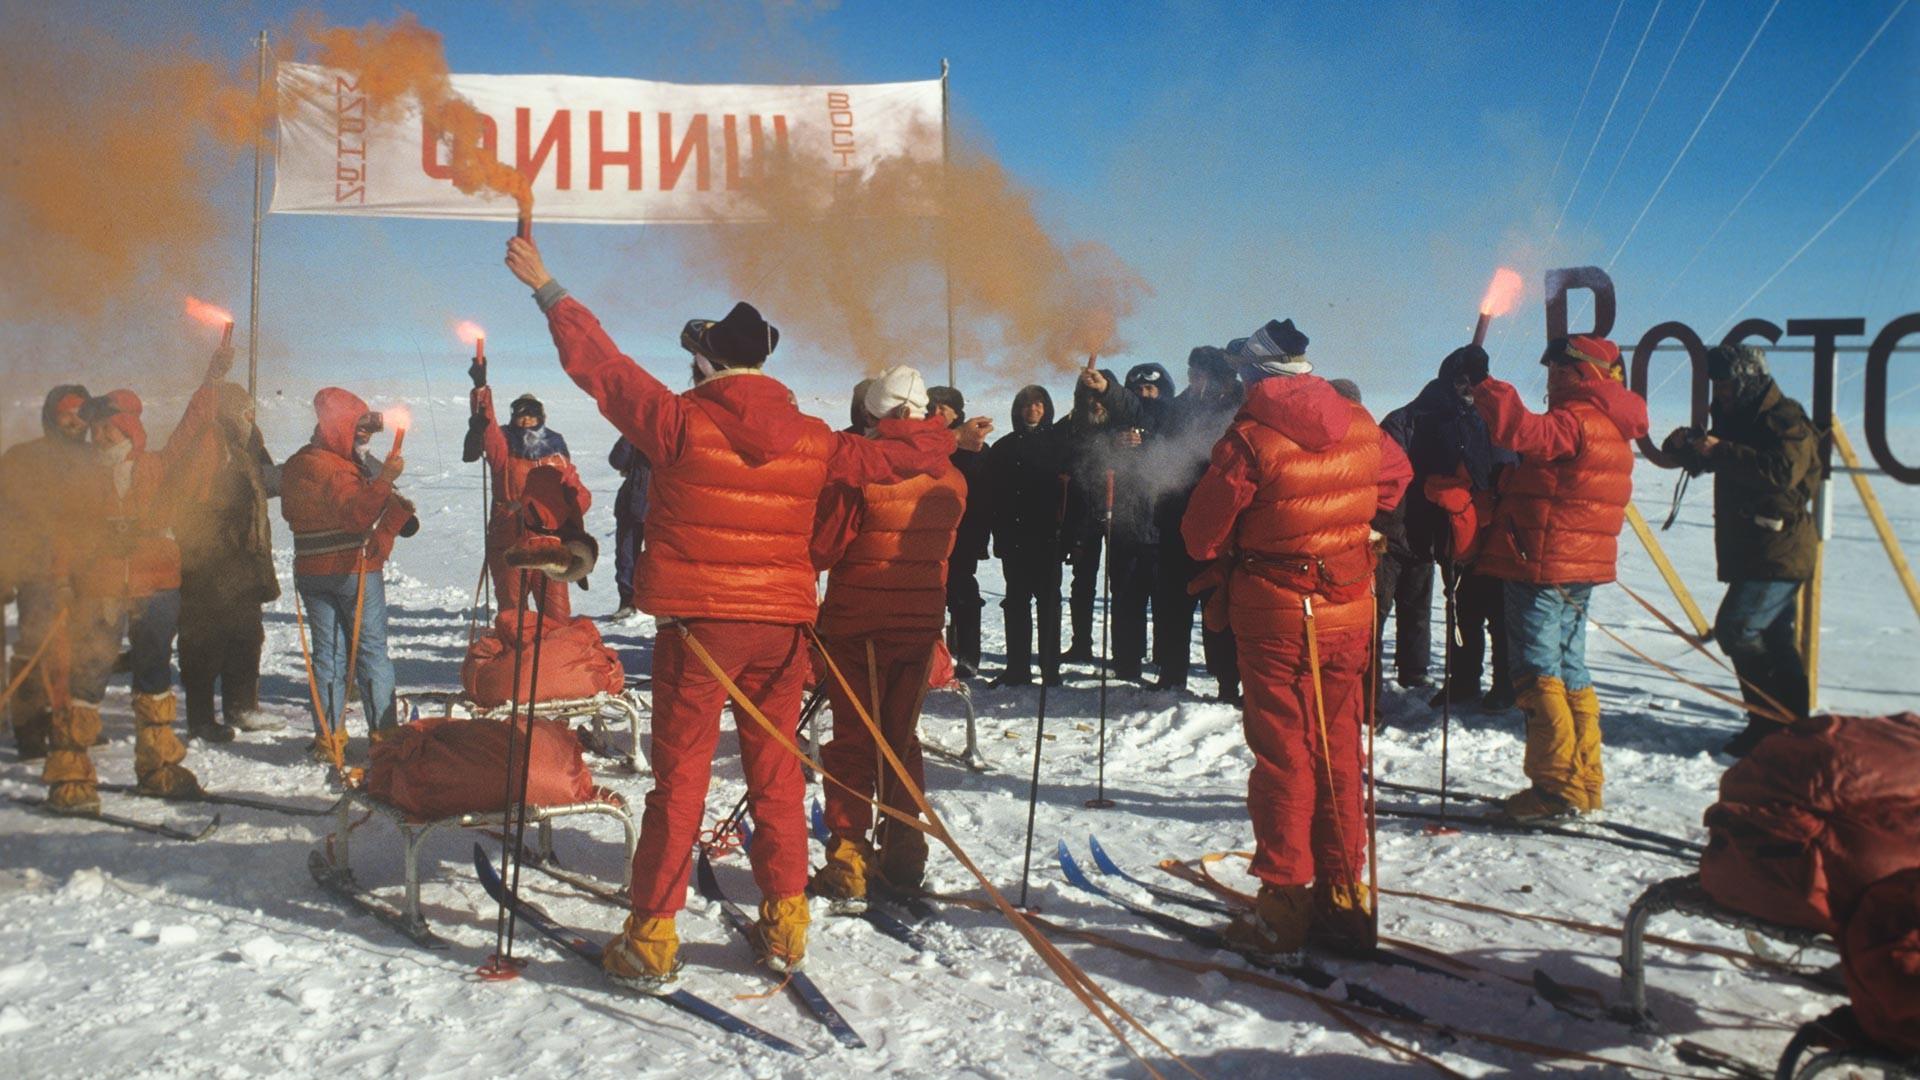 Le ragazze con le uniformi rosse indossate per percorrere gli ultimi 12 chilometri